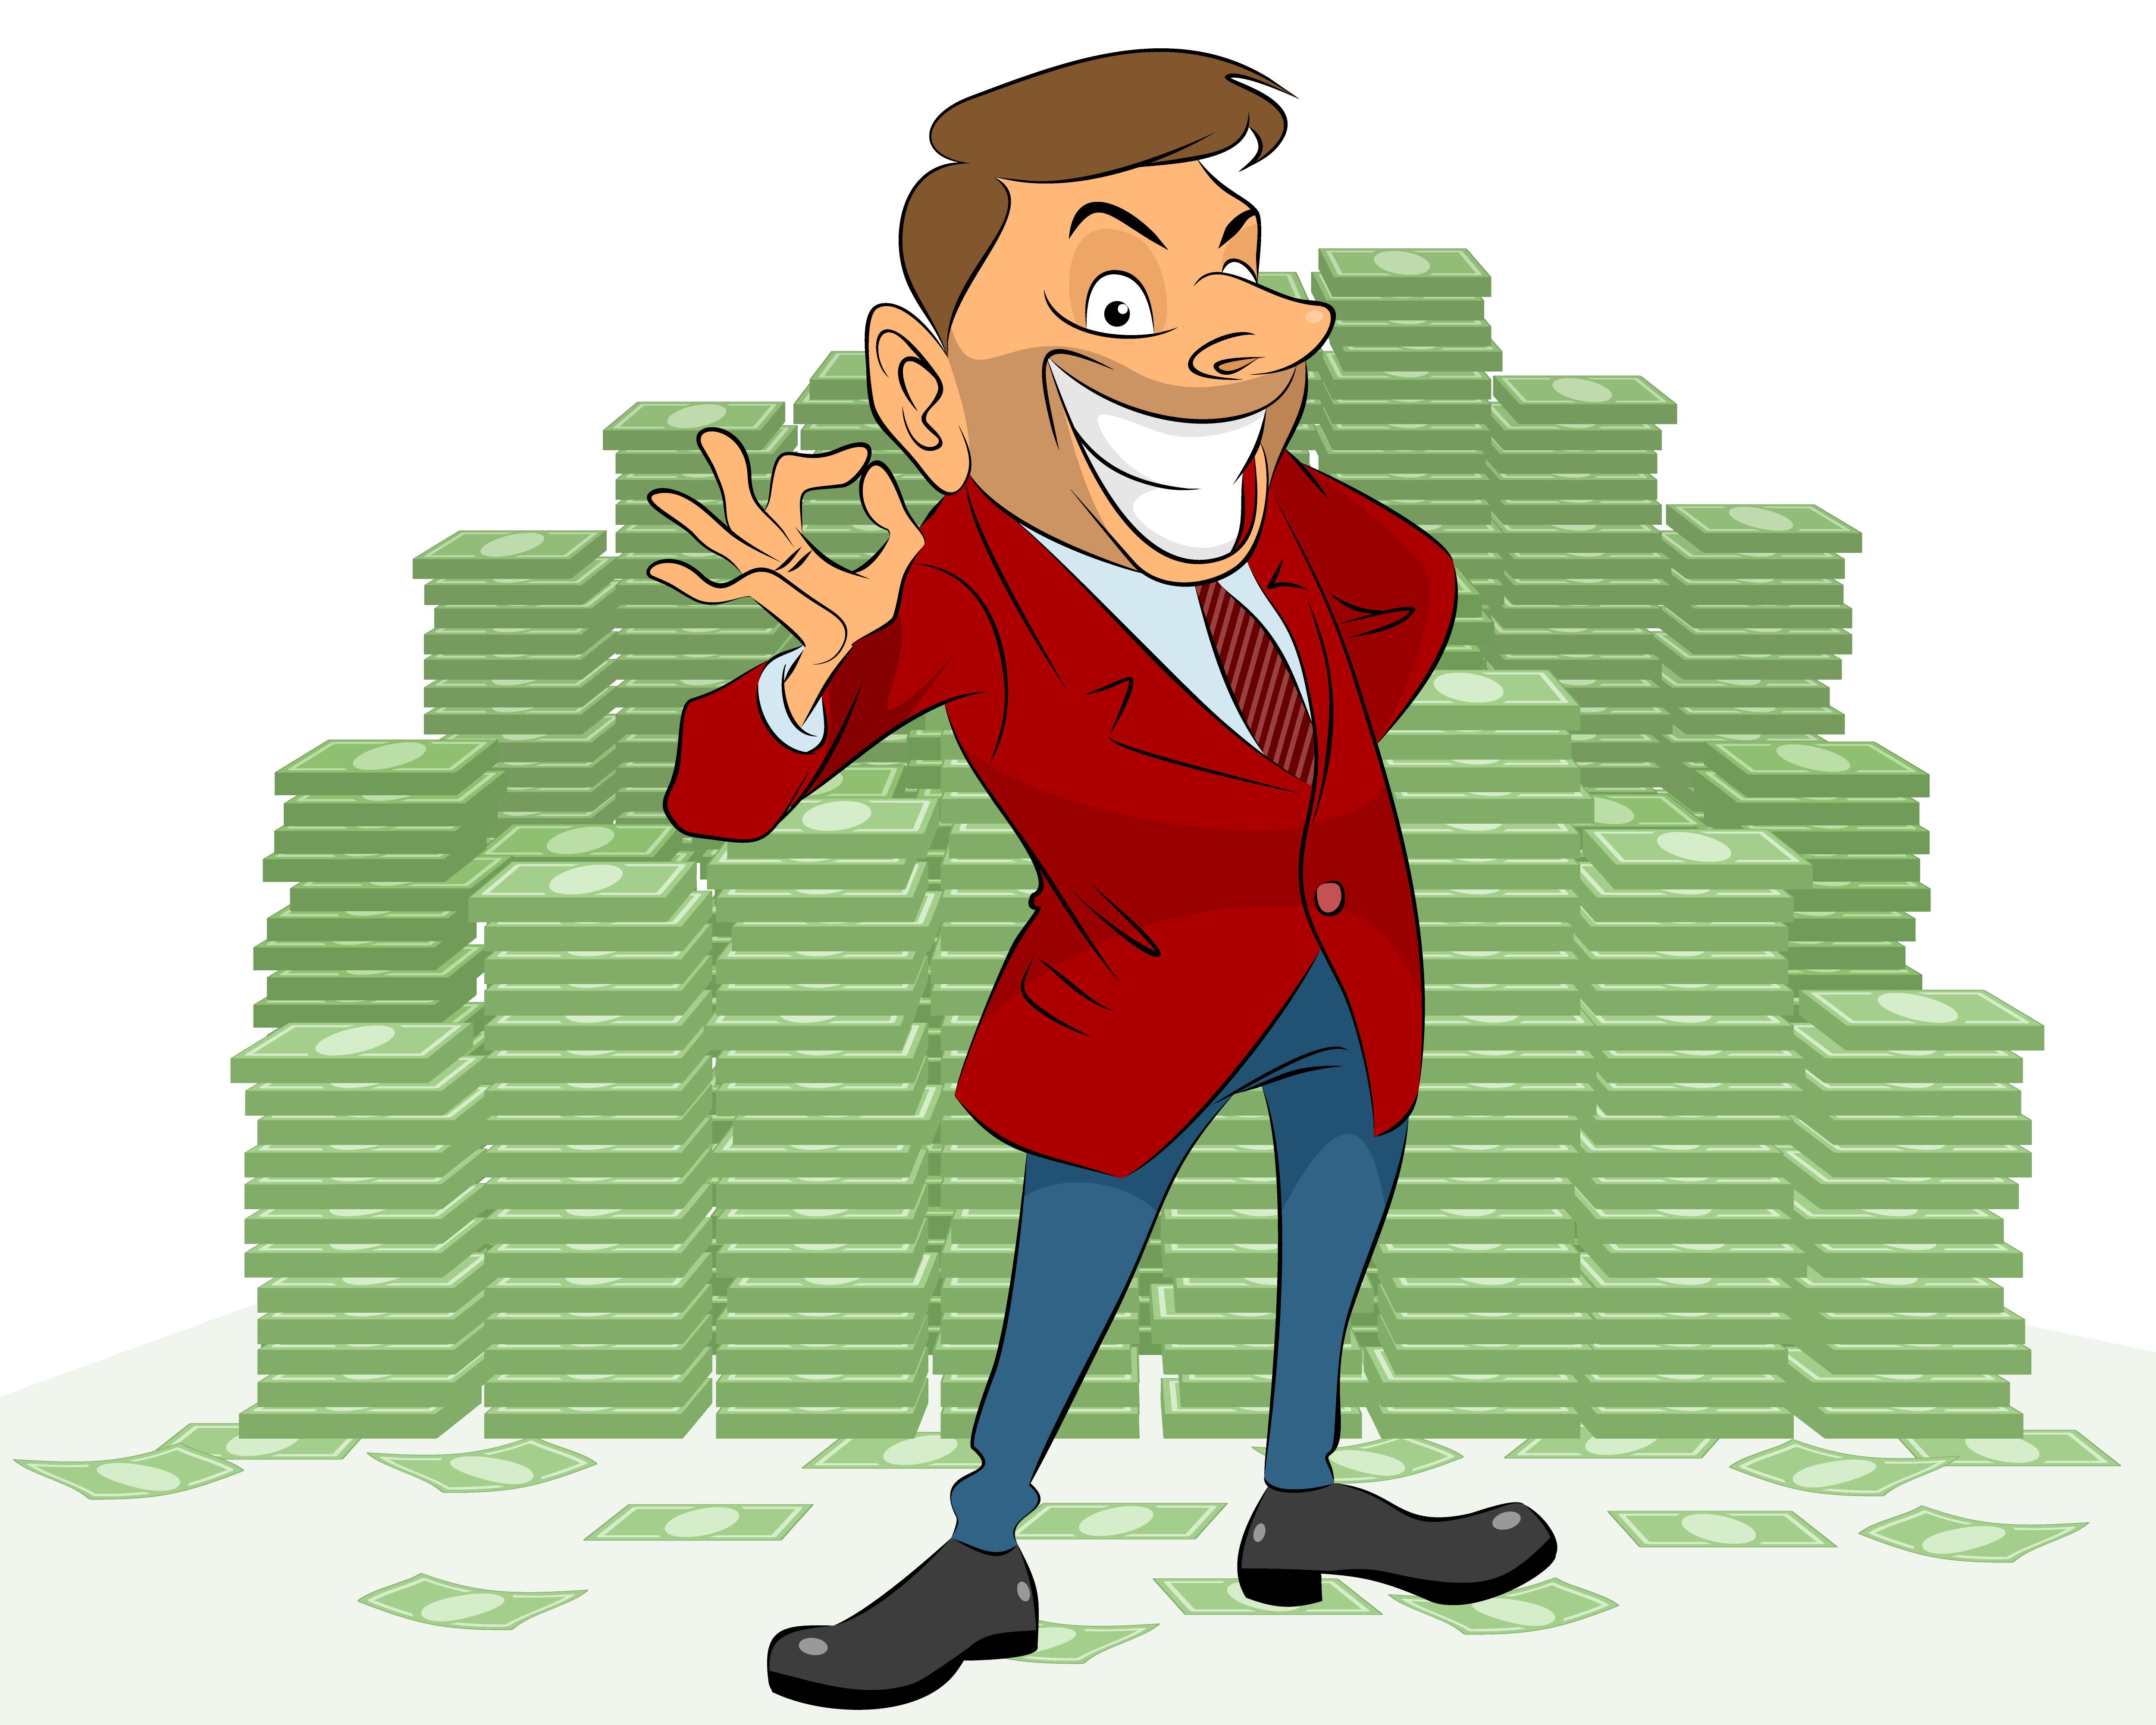 הכרתי אדם עשיר שהיה קמצן גדול, הצעתו גרמה לי התלהבות גדולה